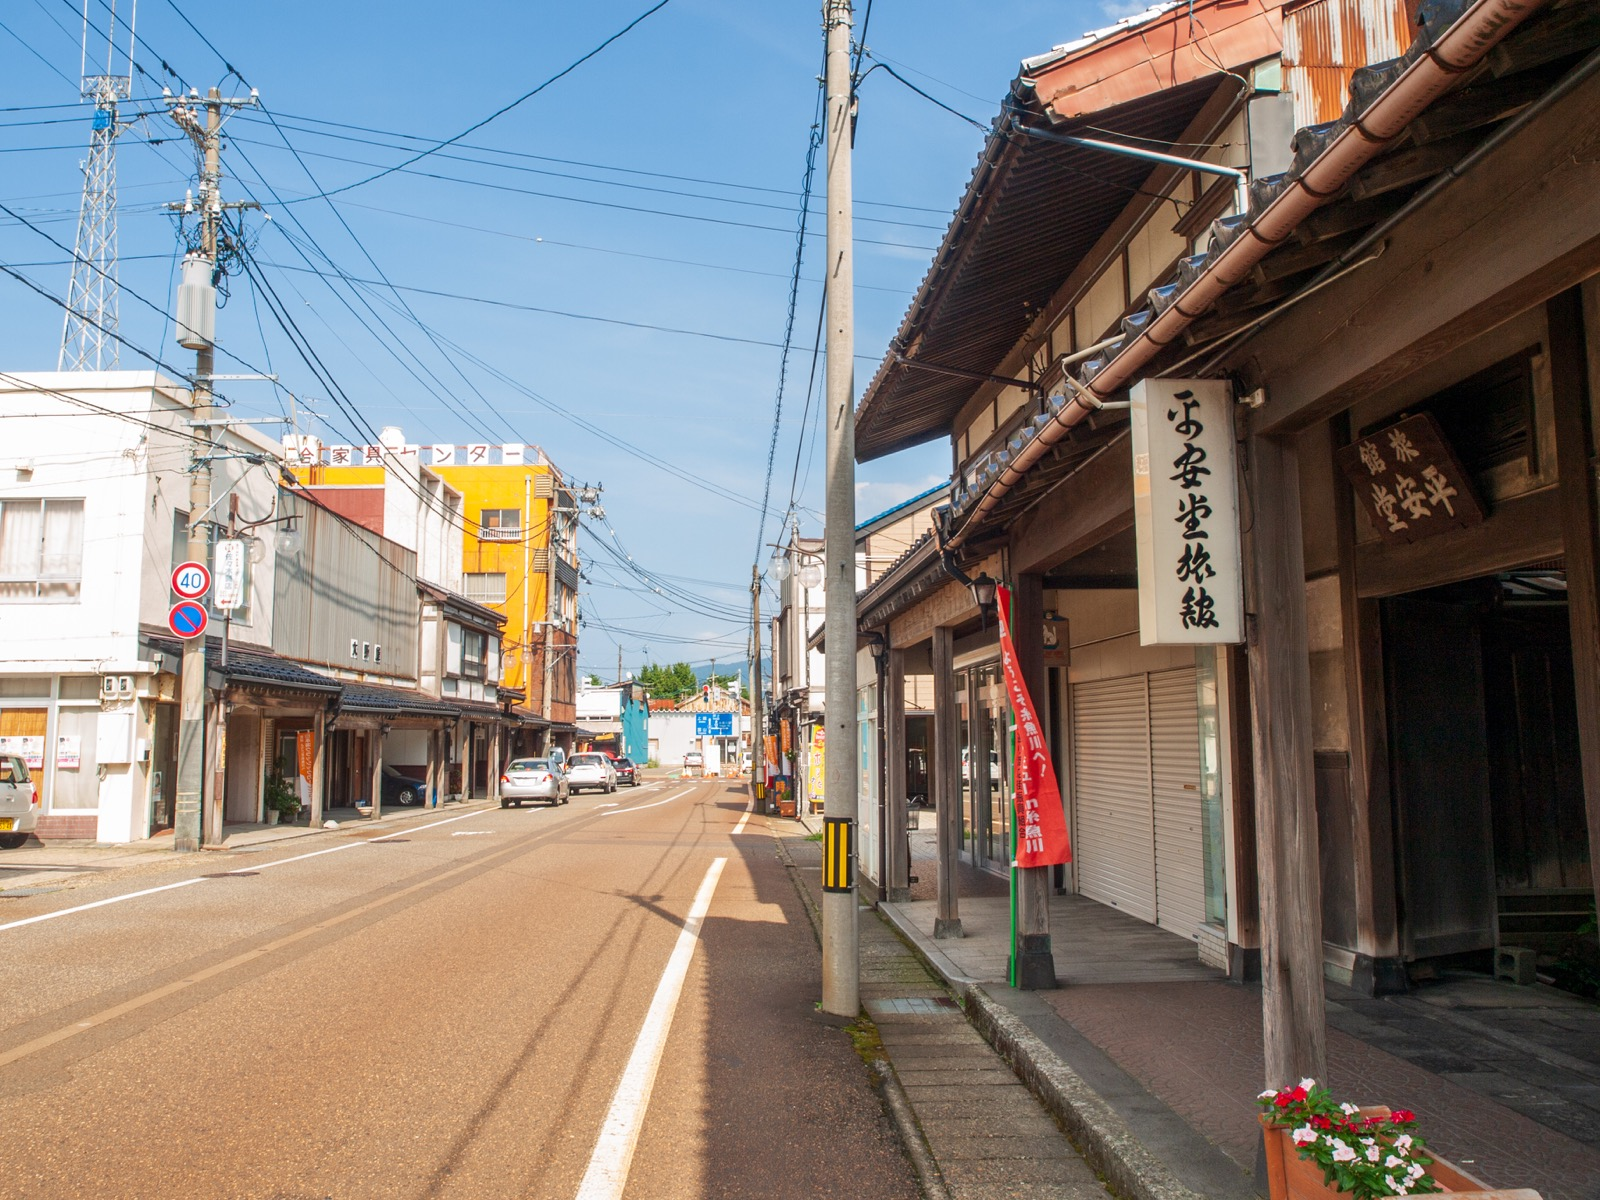 糸魚川市の本町通りにあった平安堂旅館(2012年8月)